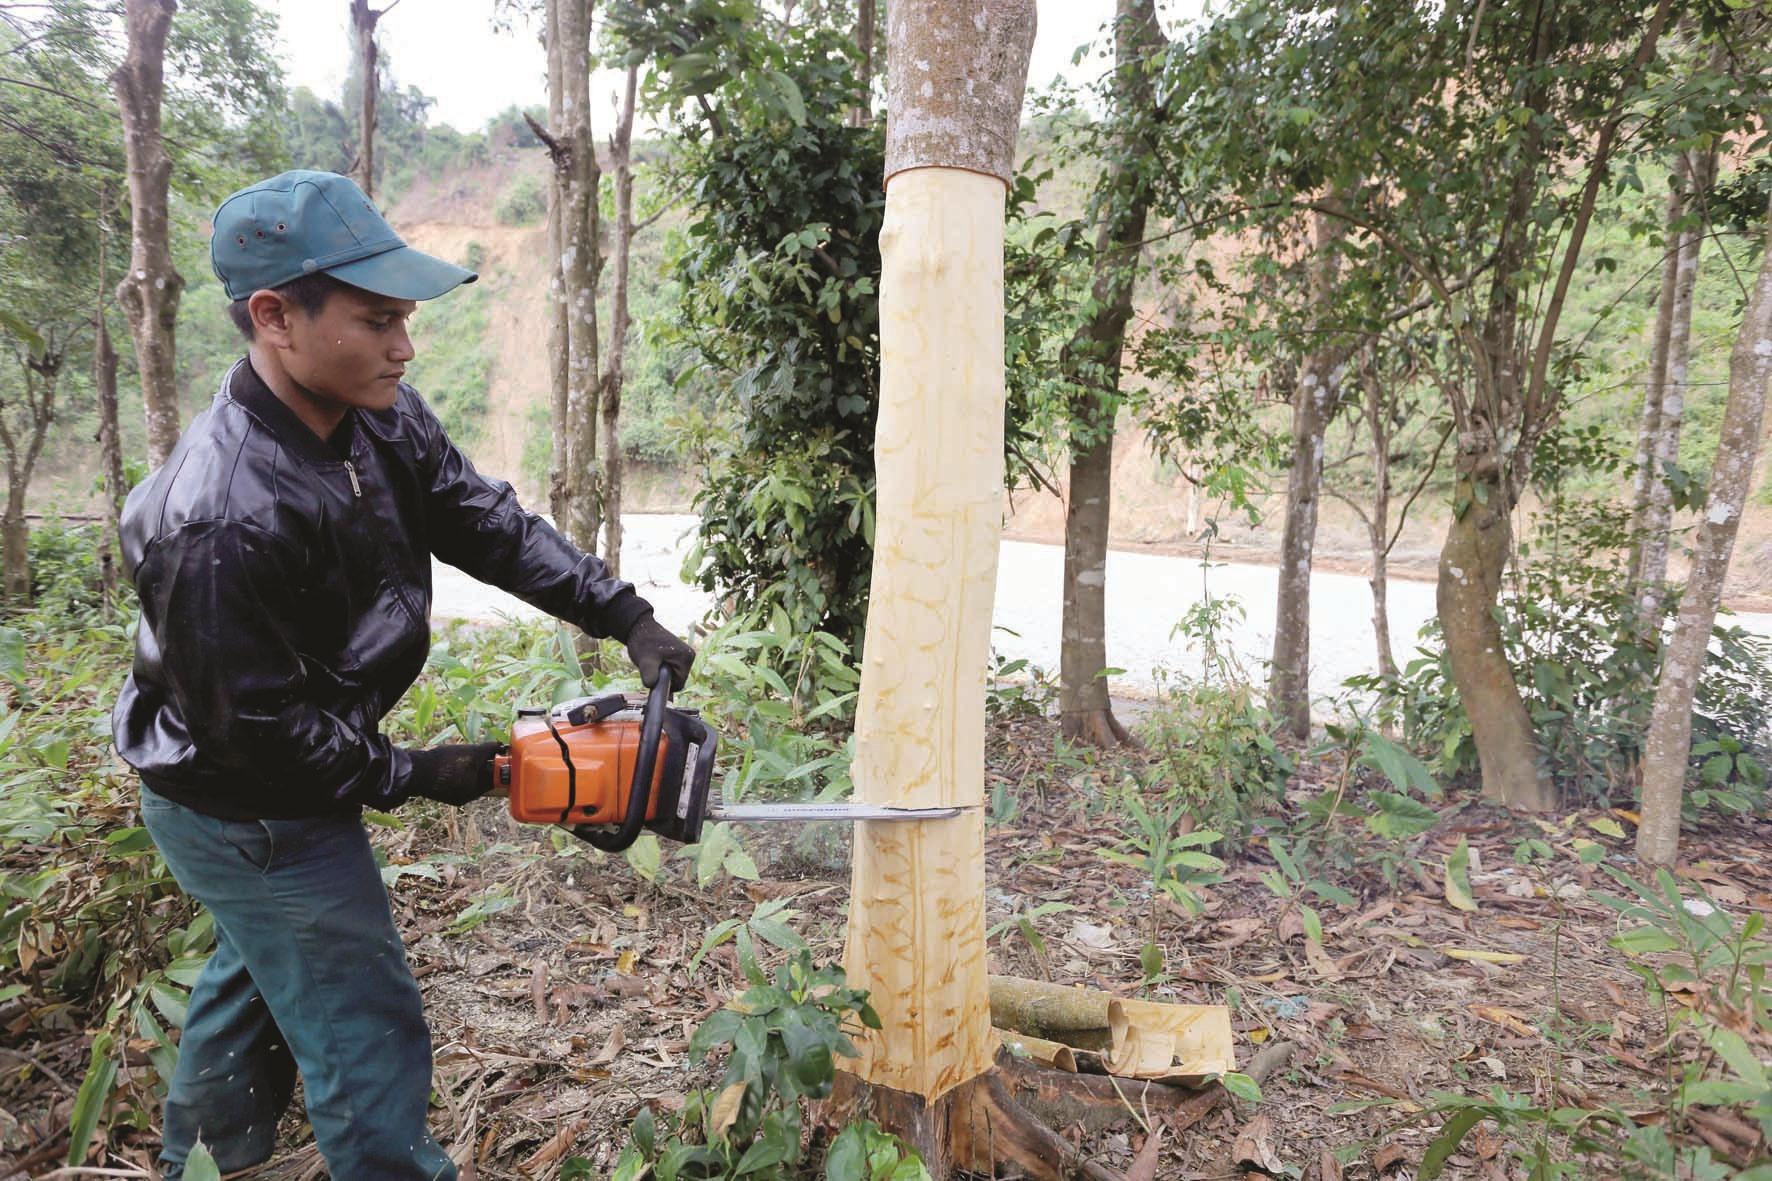 Sau khi bóc lấy phần vỏ dưới gốc, người thợ dùng cưa đốn hạ cây để tiếp tục bóc vỏ phần ngọn.